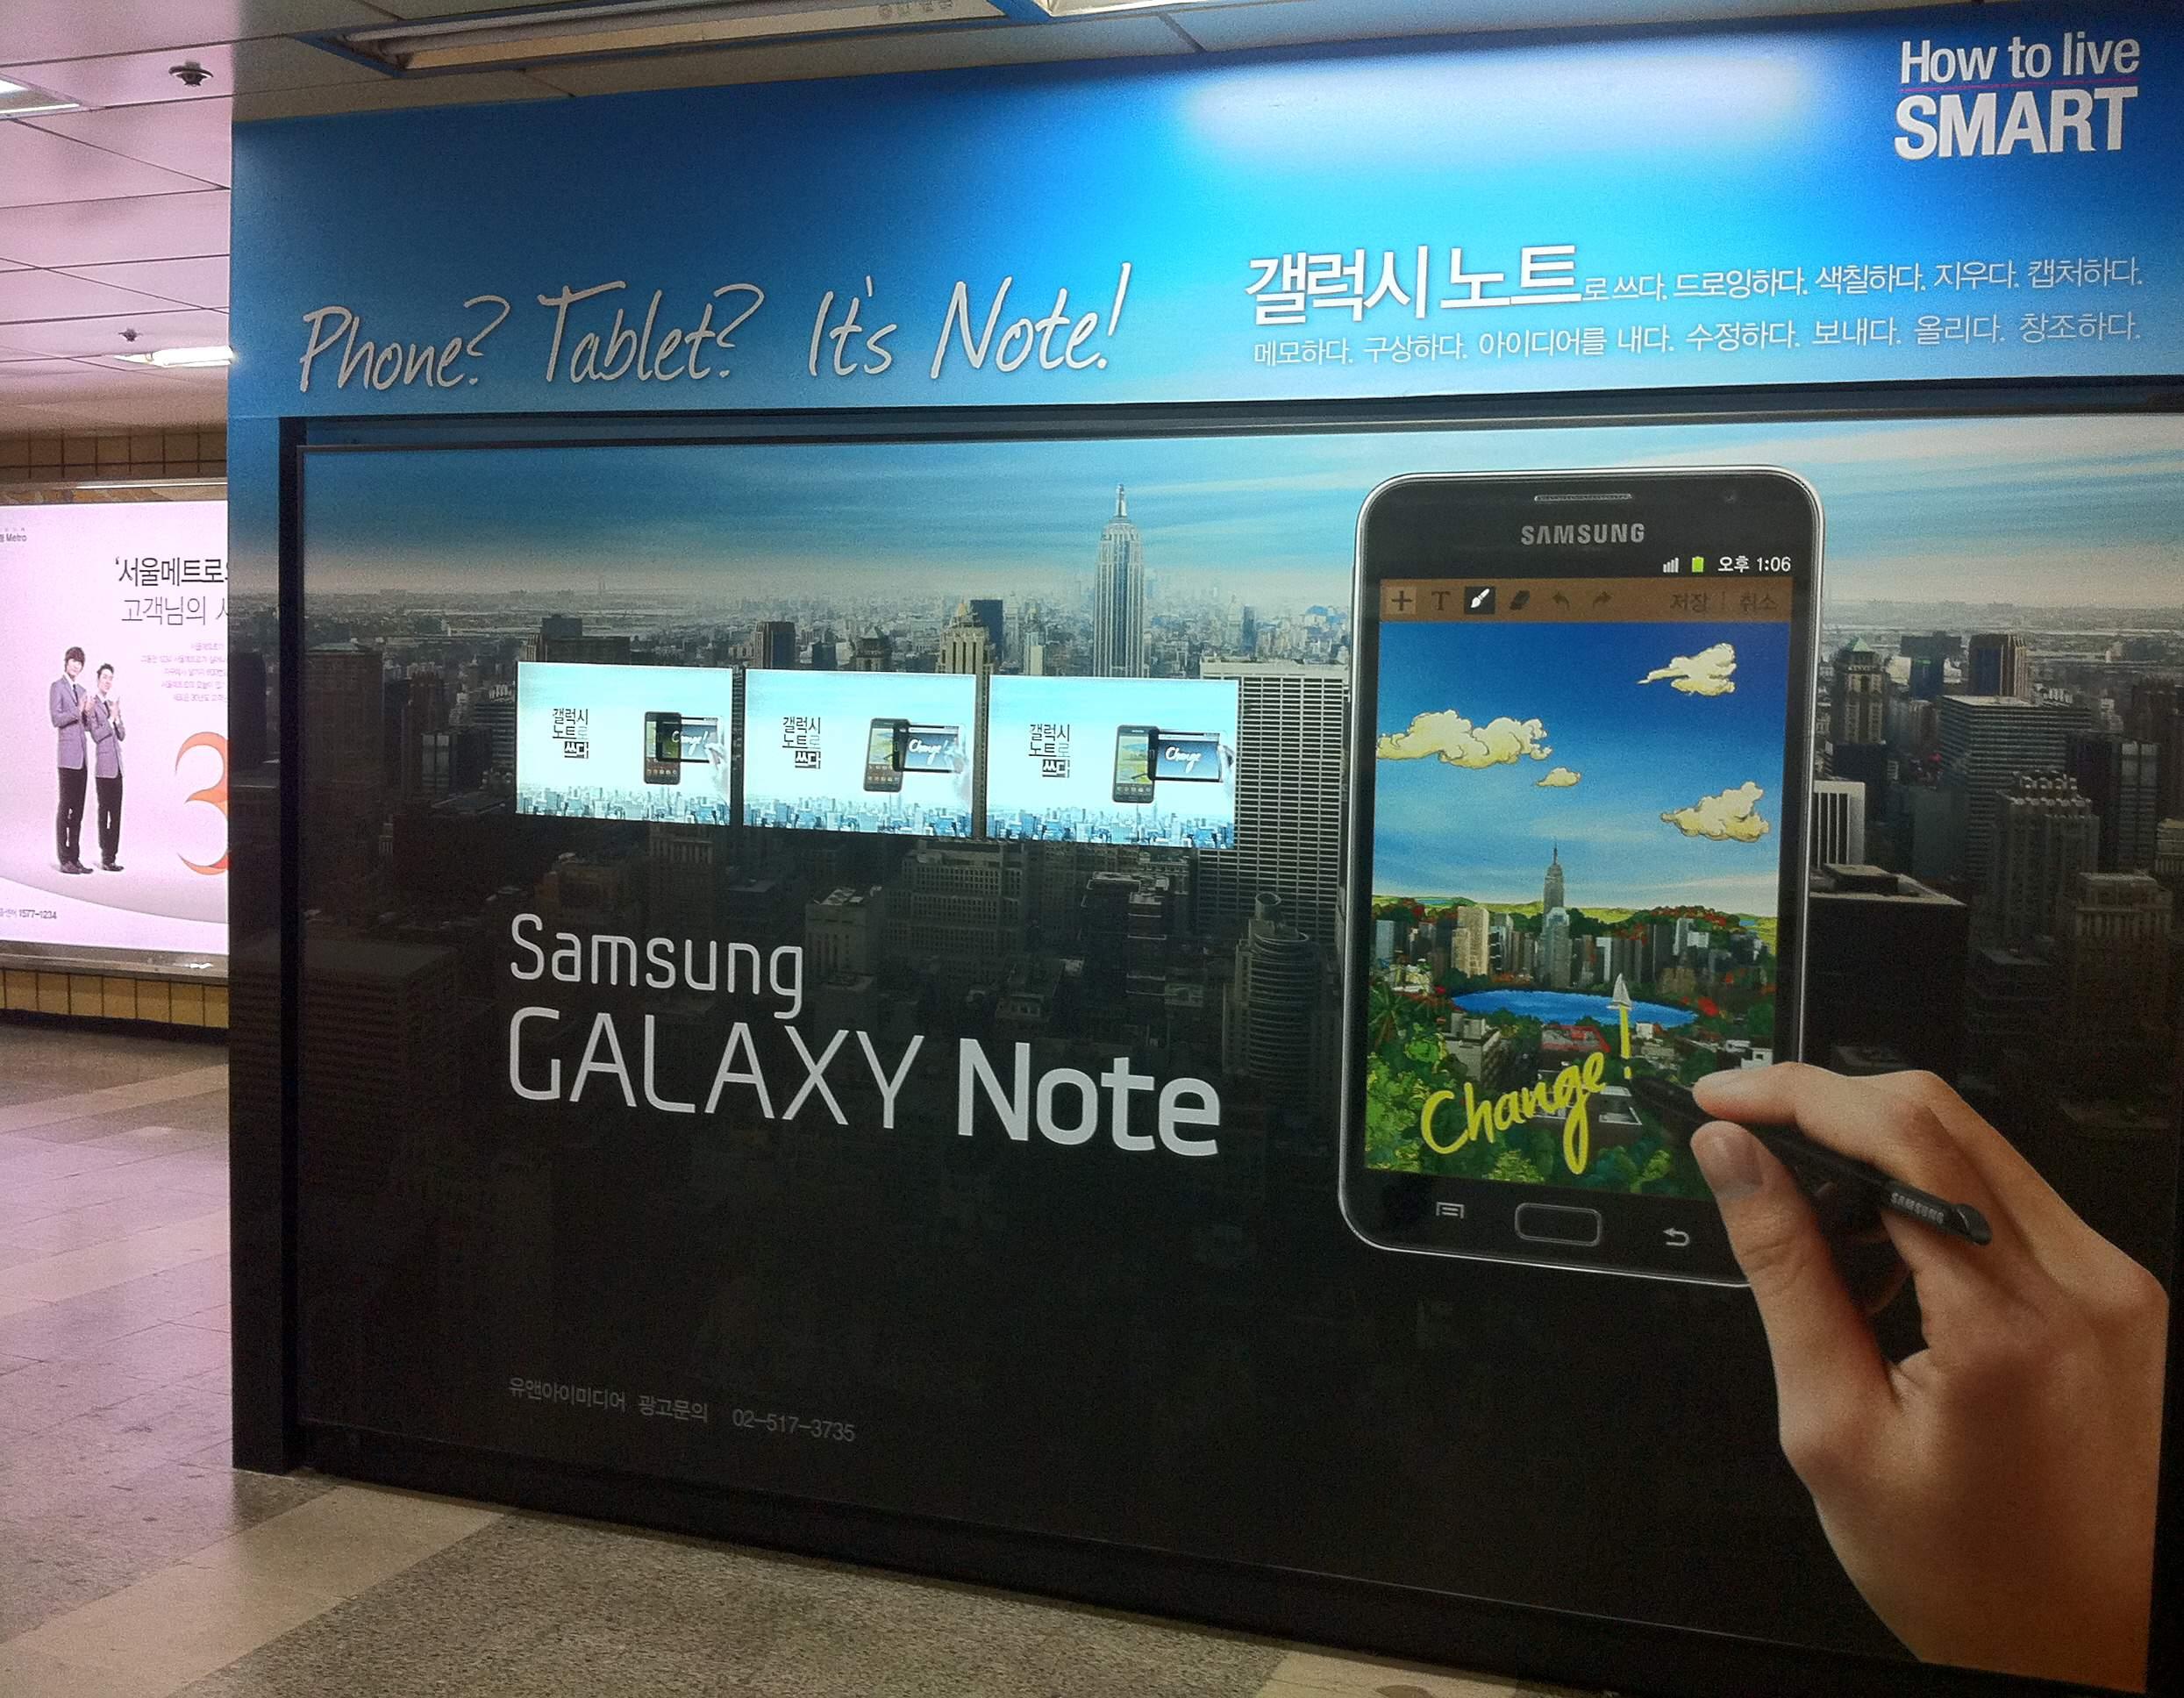 갤럭시 노트 투명 LCD 옥외광고